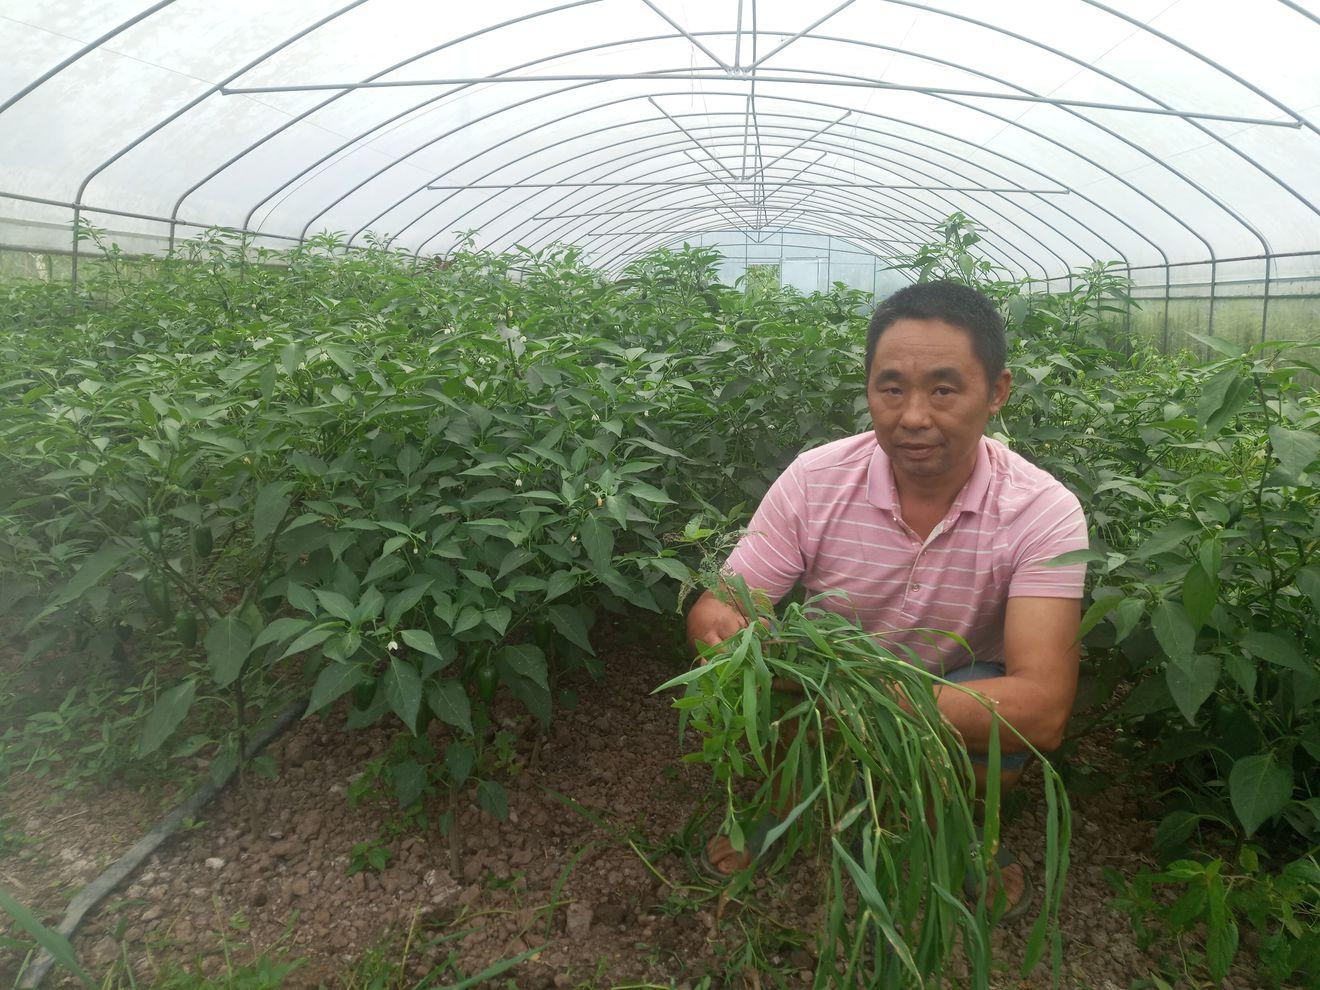 绿色产业助力脱贫攻坚